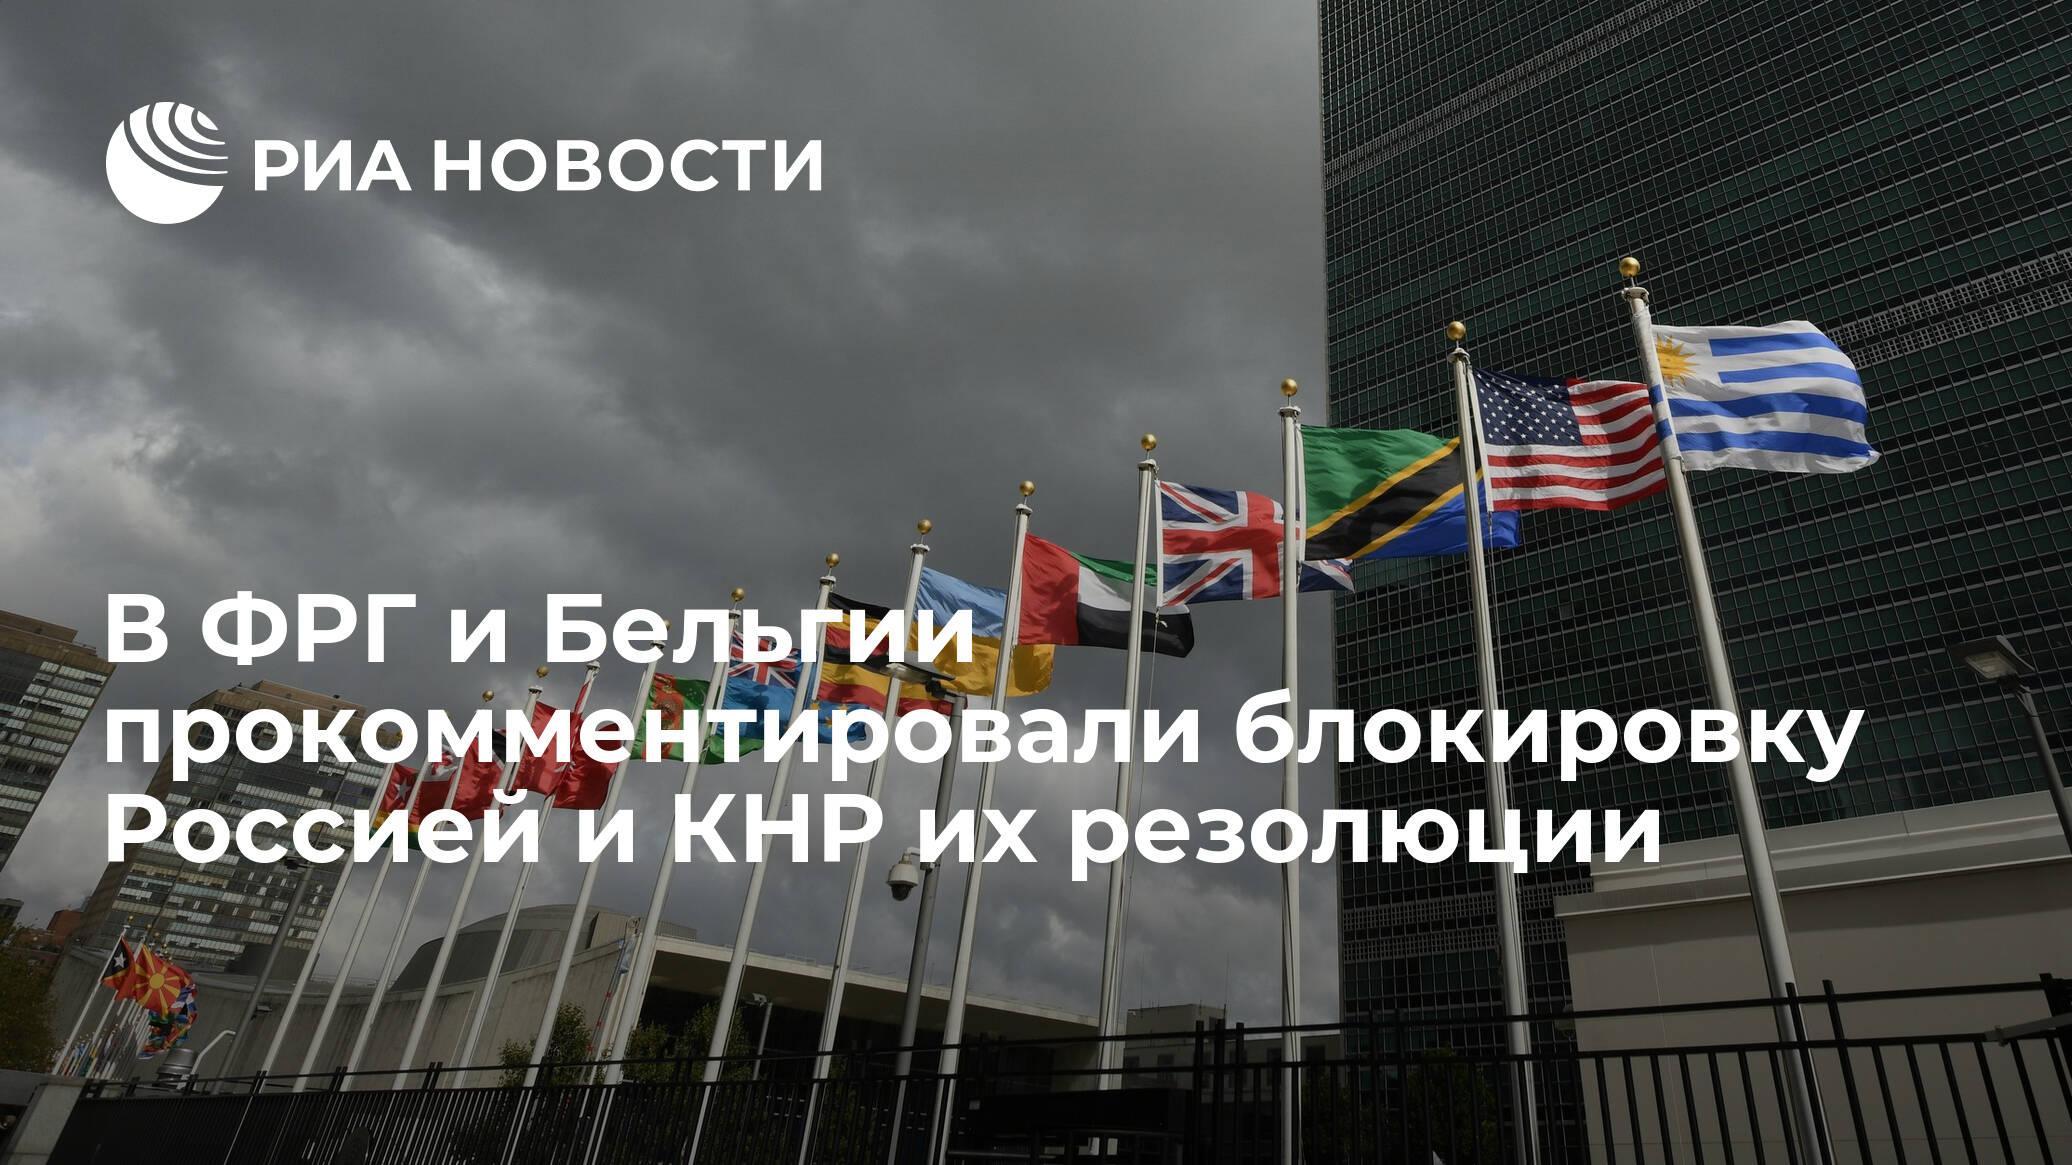 В ФРГ и Бельгии прокомментировали блокировку Россией и КНР их резолюции - РИА НОВОСТИ